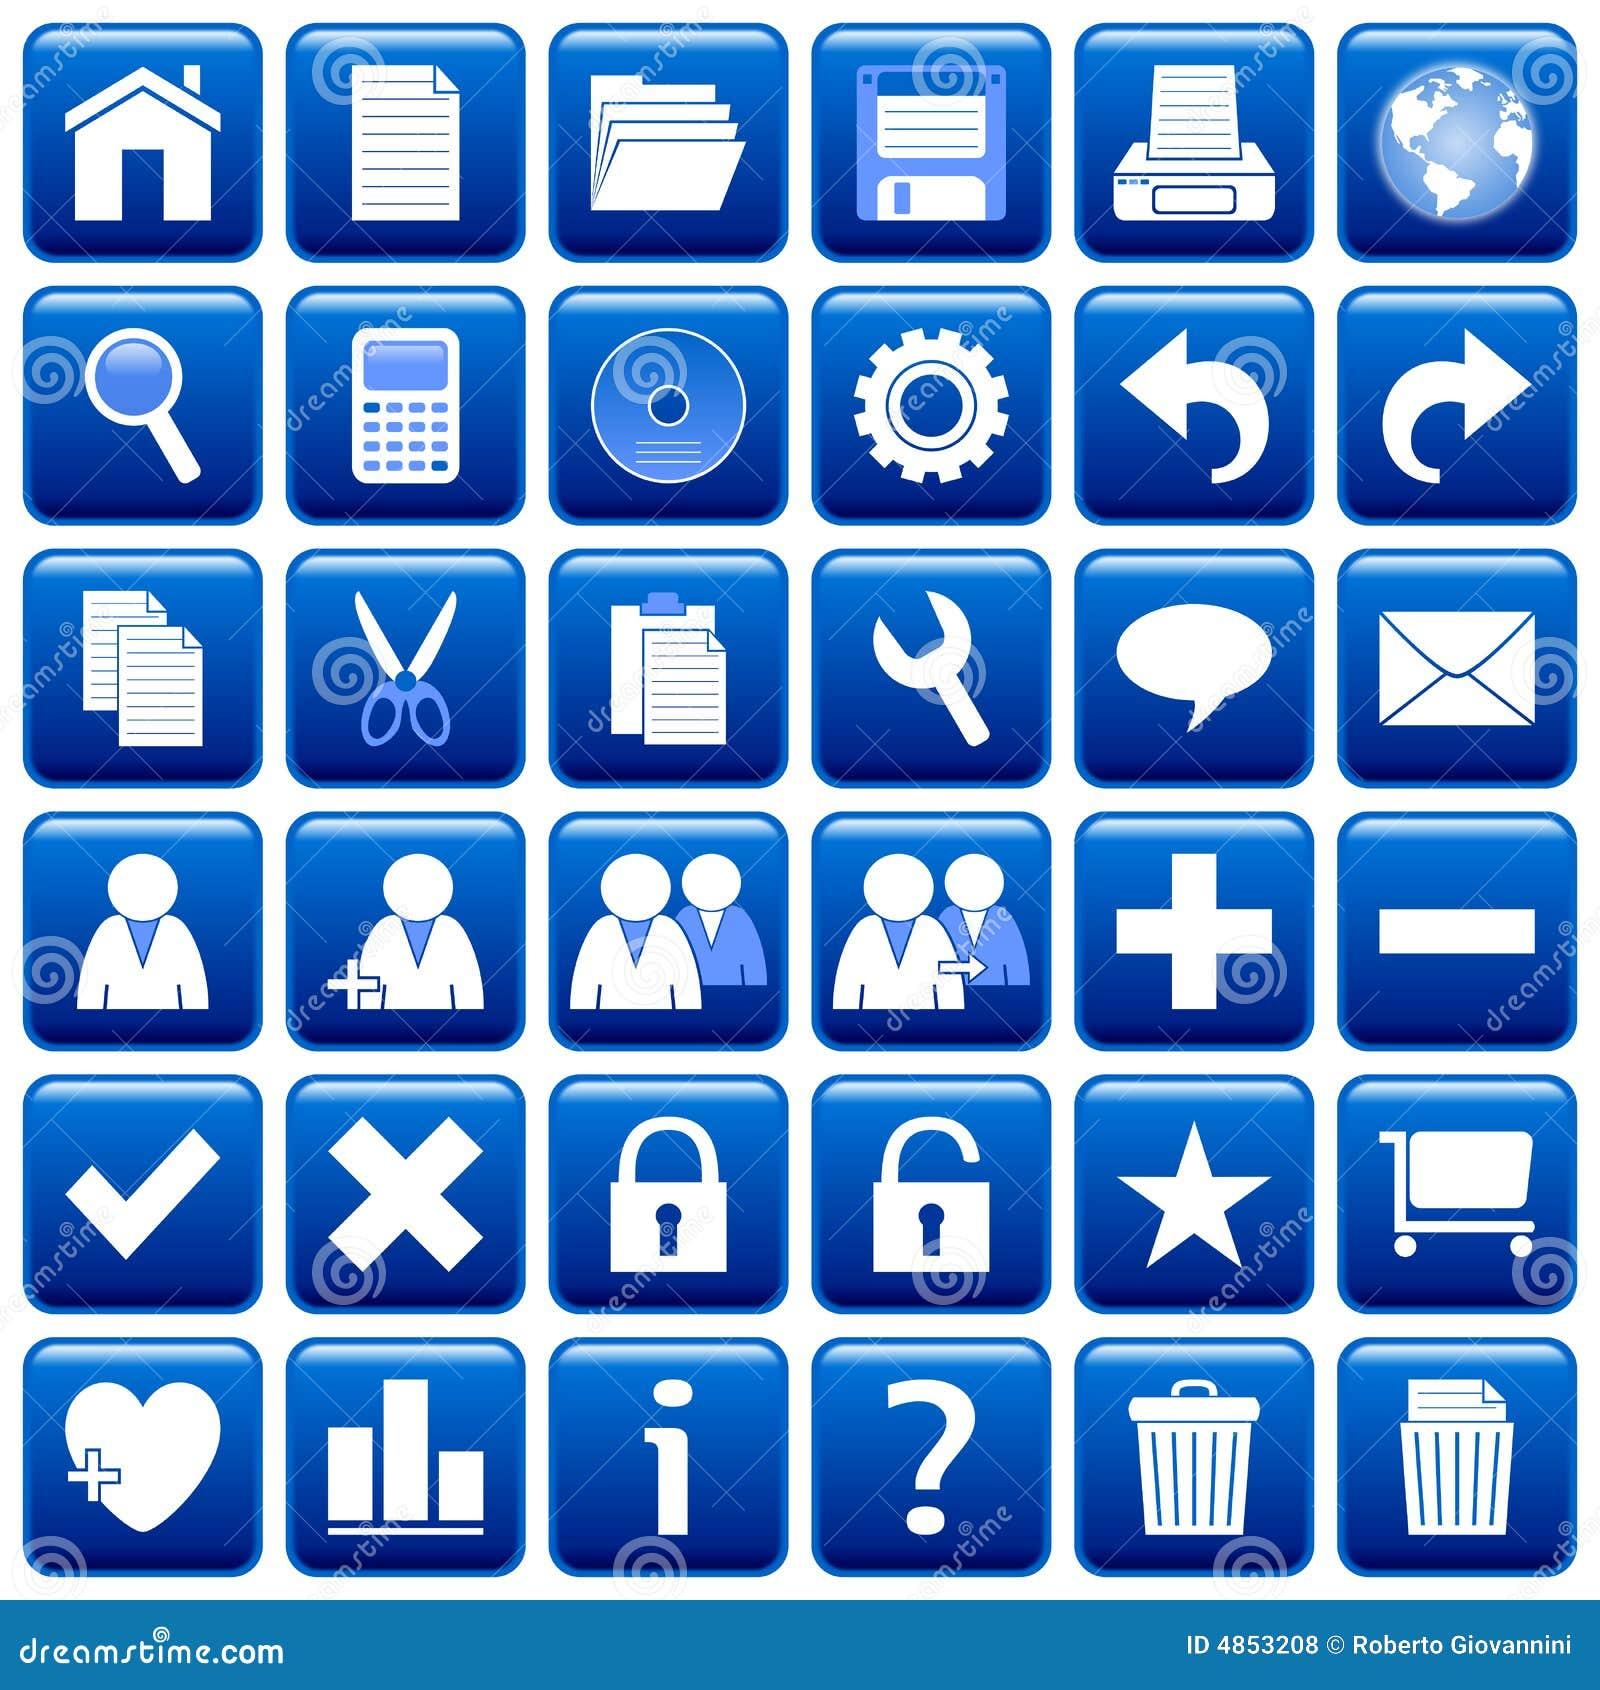 Blue Square Web Buttons [1]